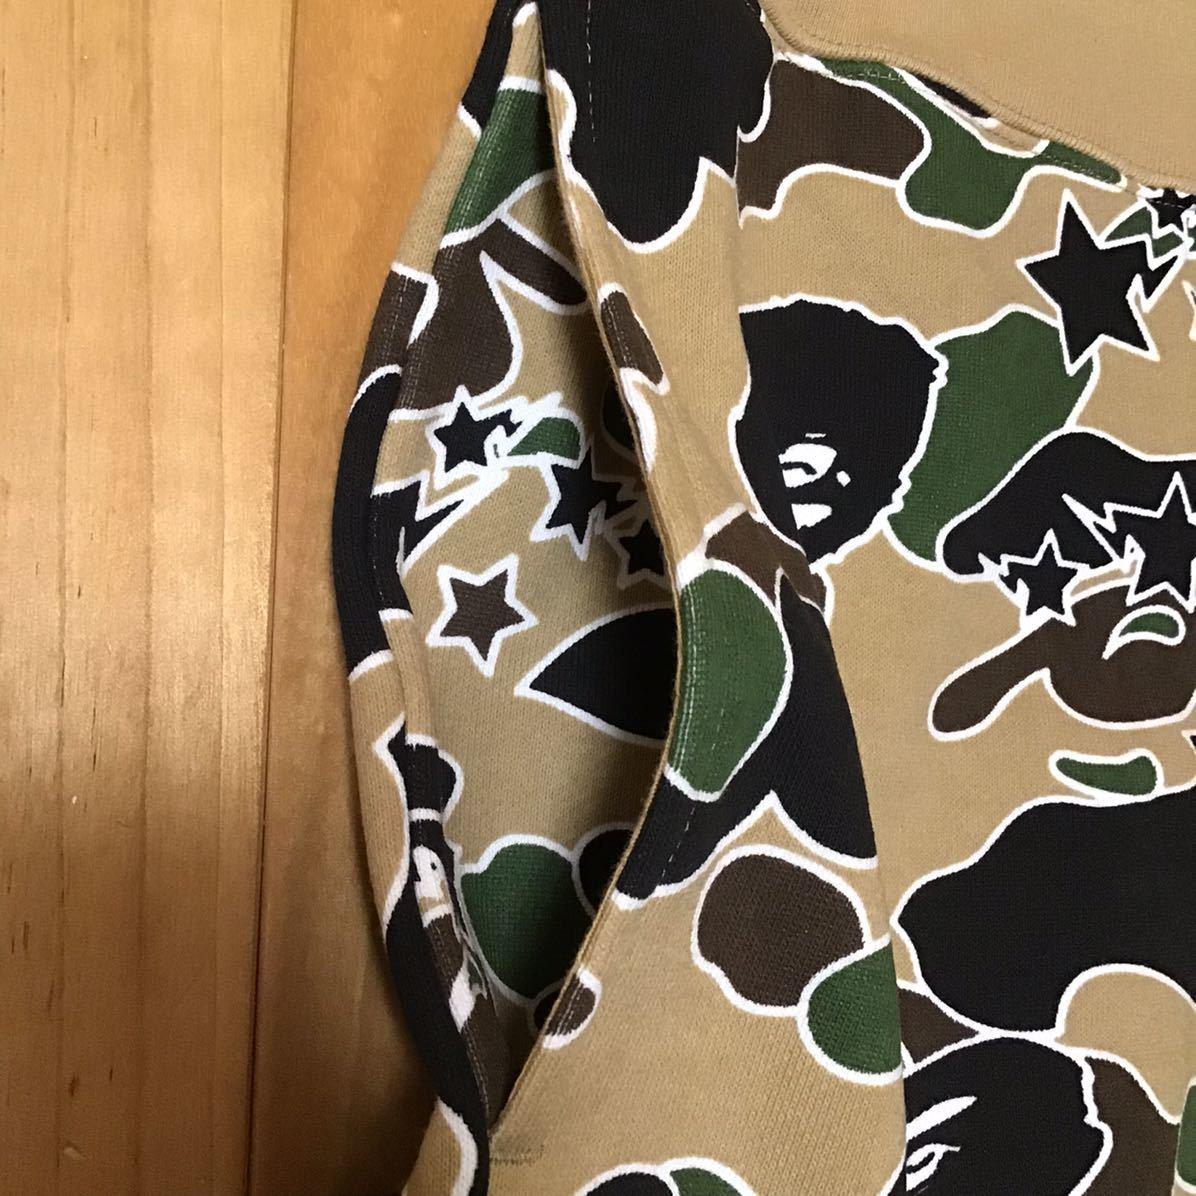 ★新品★ 2XLサイズ STA CAMO スウェット ハーフパンツ a bathing ape BAPE sweat shorts エイプ ベイプ アベイシングエイプ ショーツ XXL